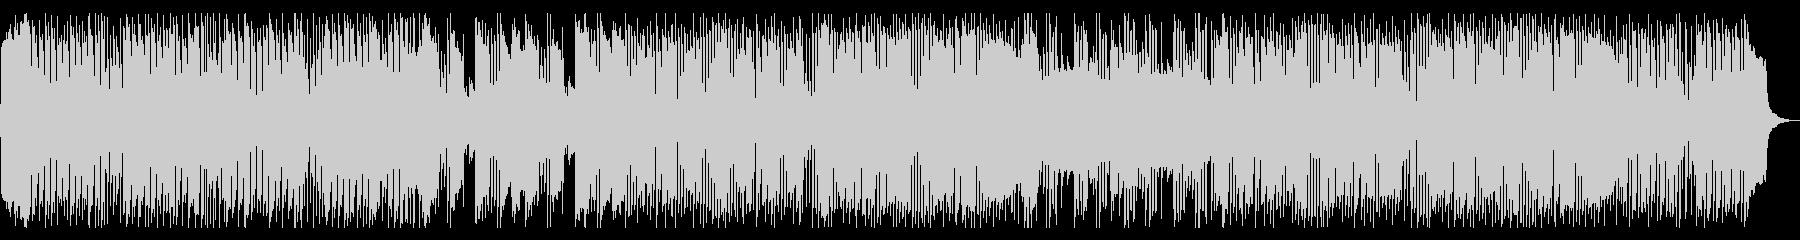 テンポがはやく、かわいめのハロウィン曲の未再生の波形